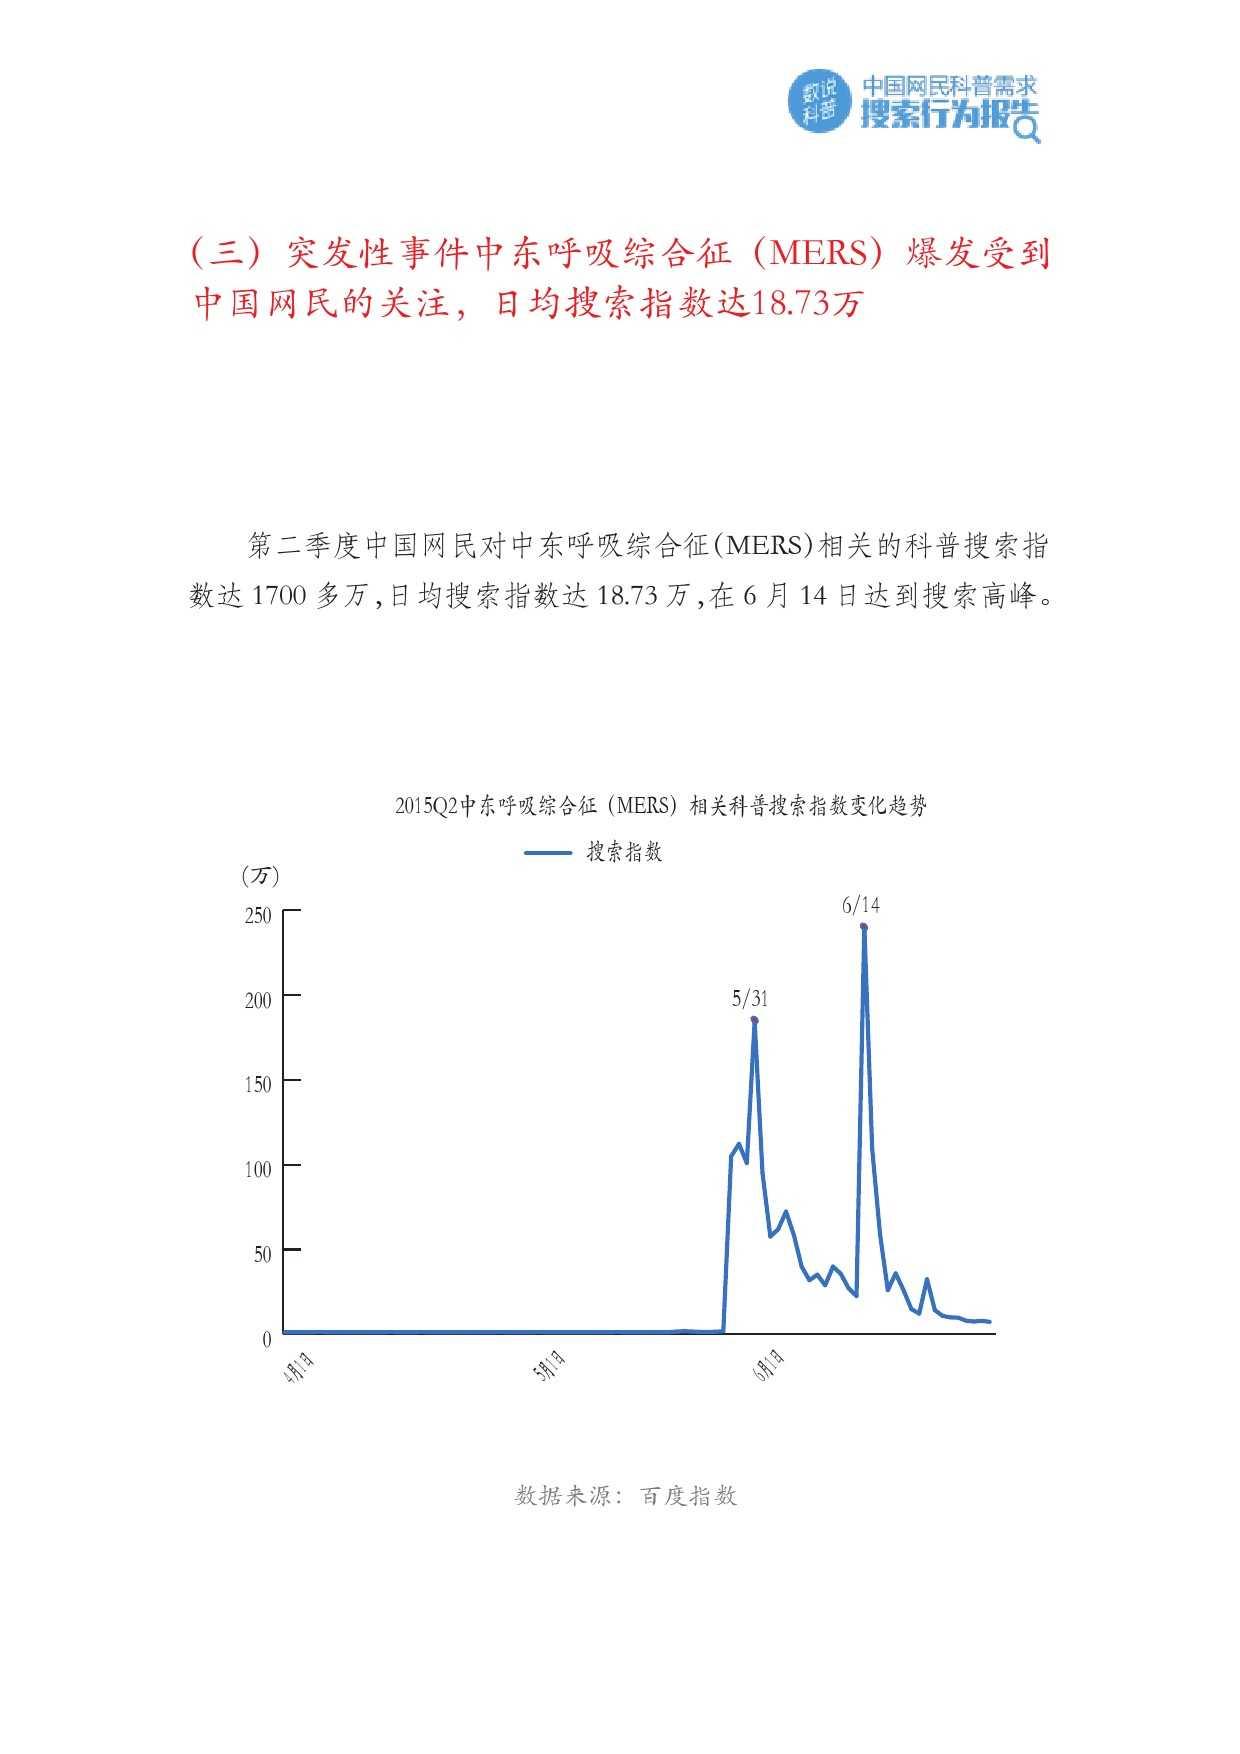 百度:2015年Q2中国网民科普需求搜索行为报告_000011